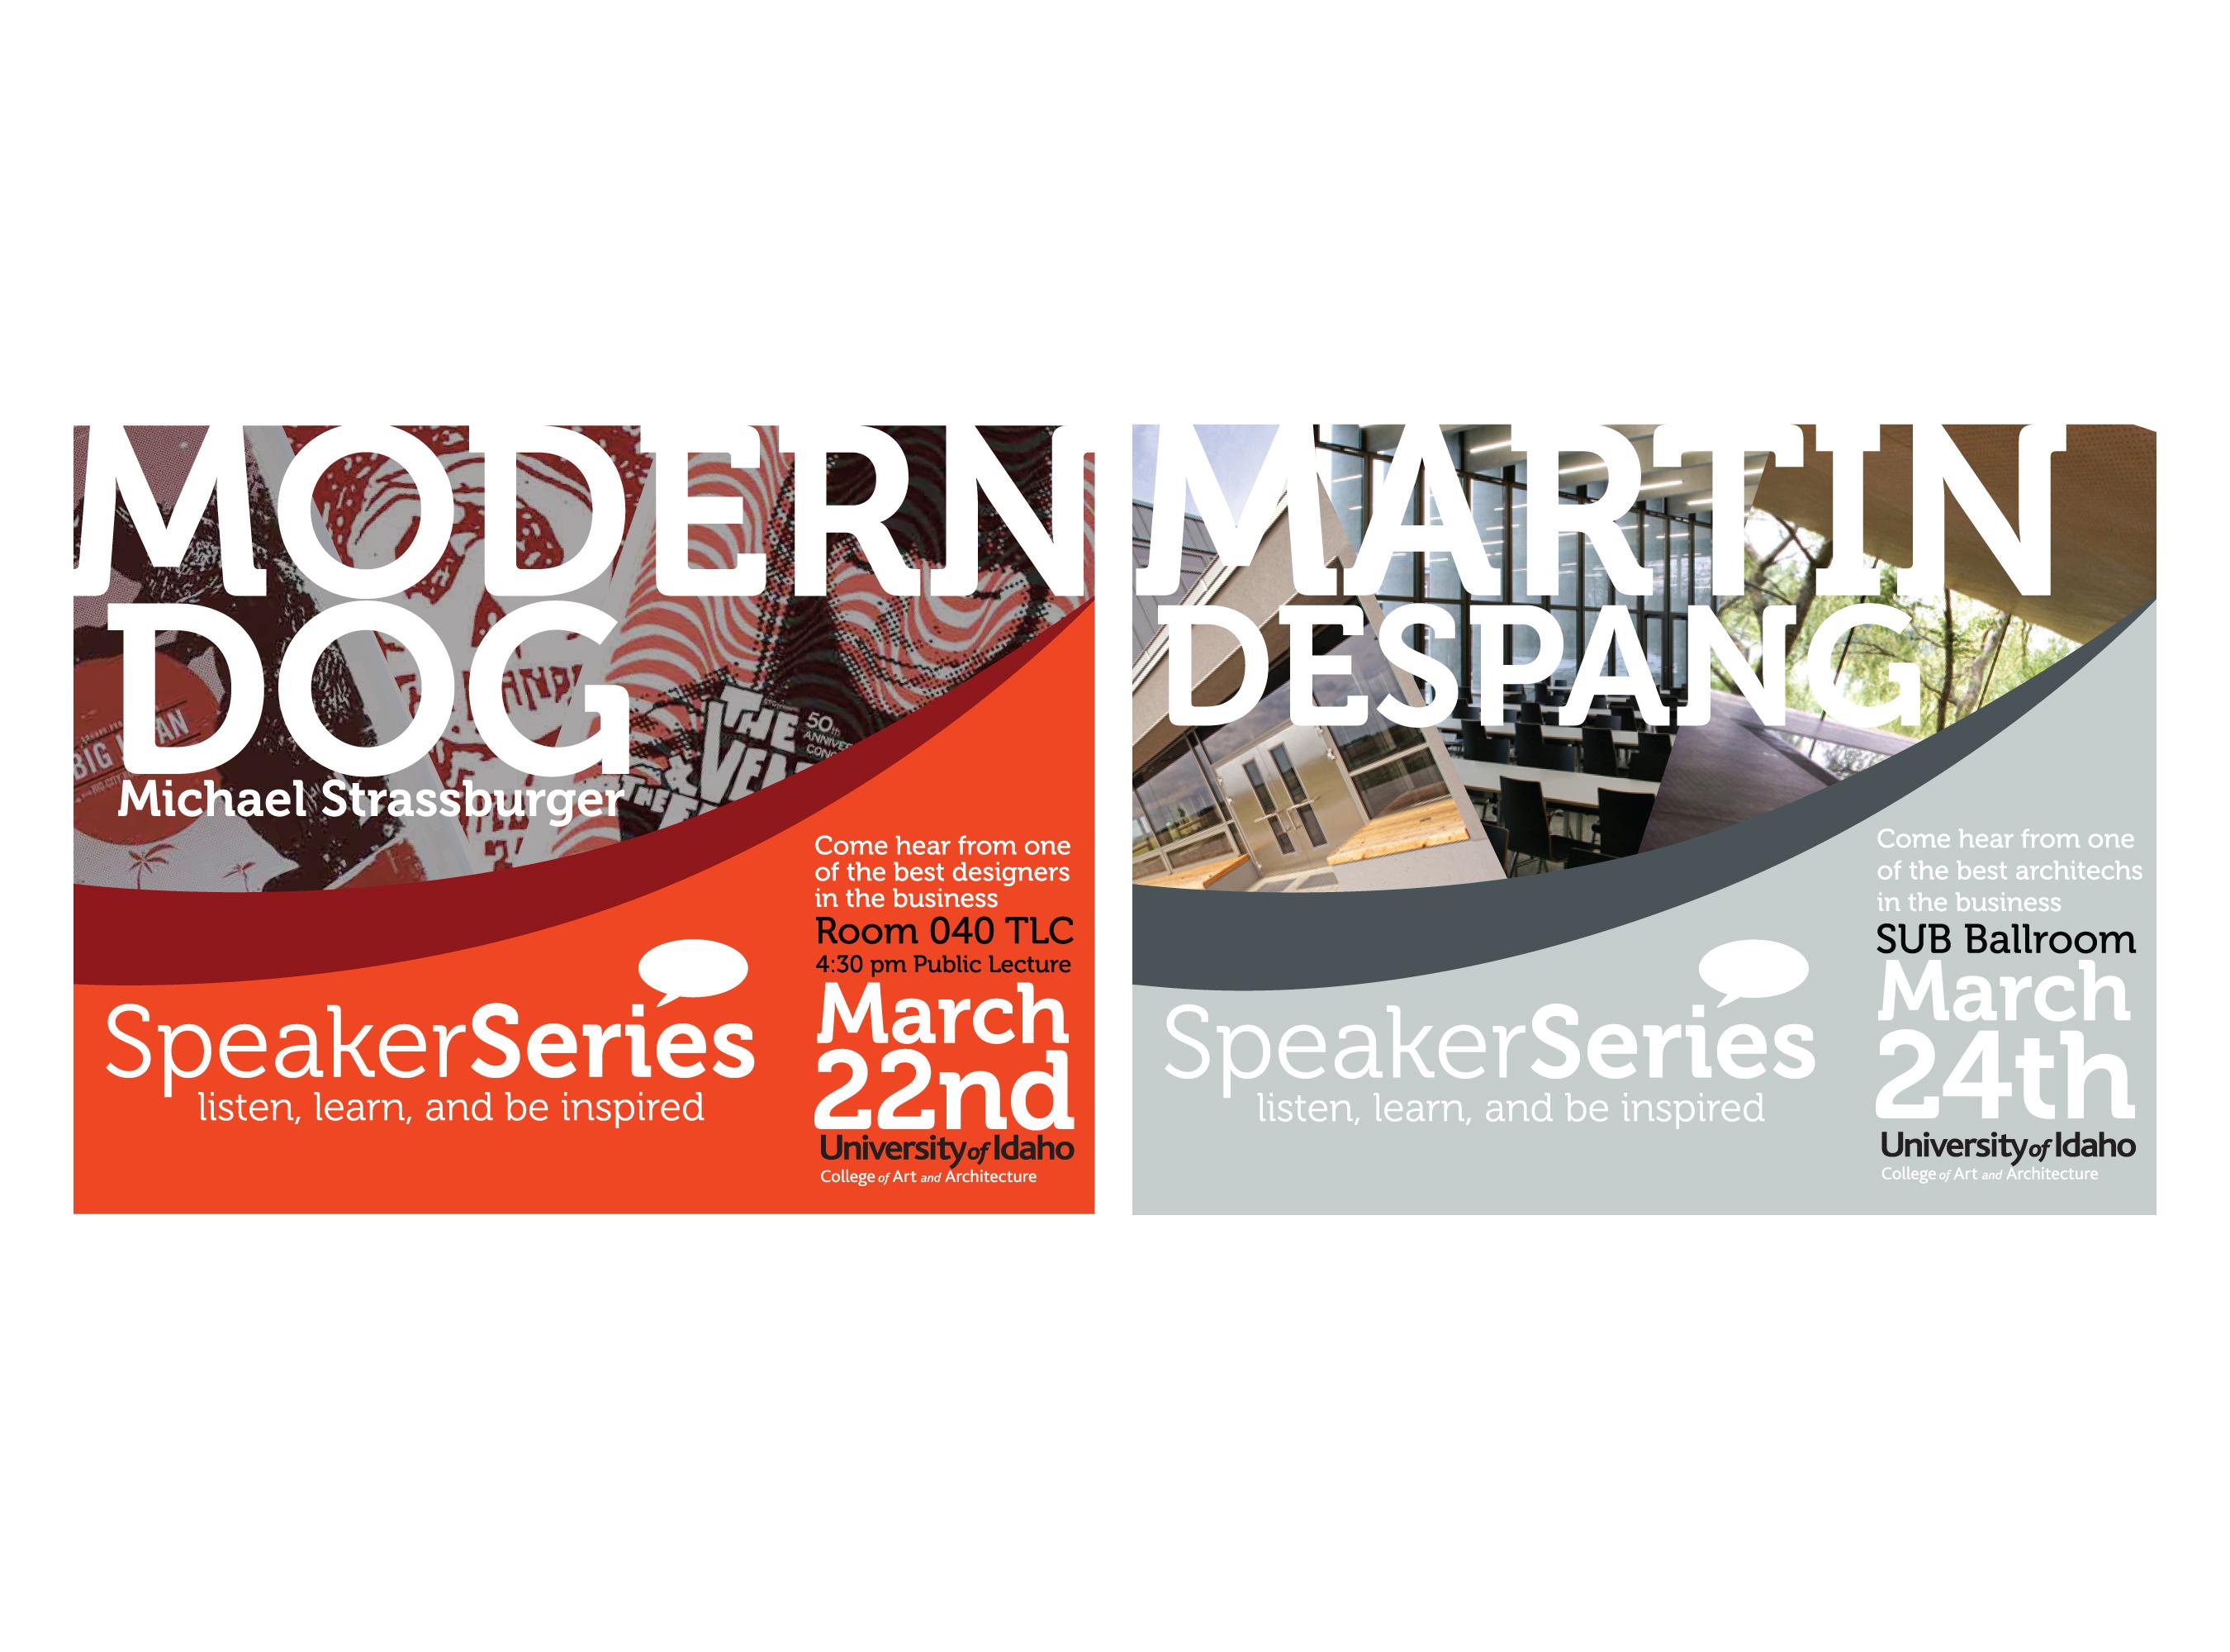 Speaker Series